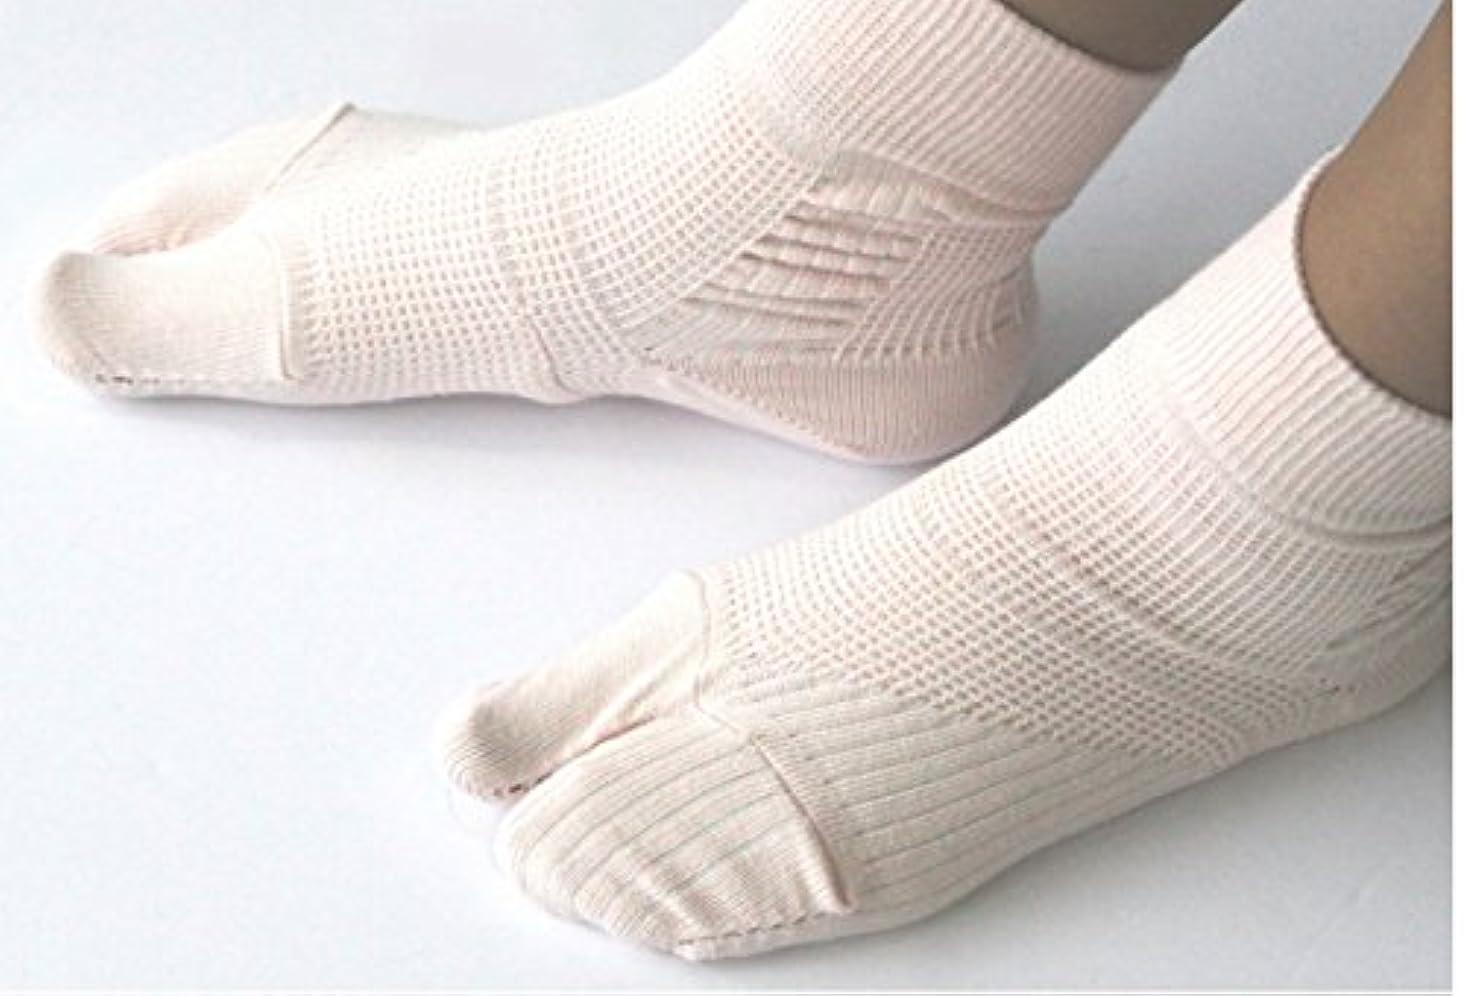 シーン明示的にガイドライン外反母趾対策靴下(通常タイプ) 着用後でもサイズ交換無料??着用後でも返品可